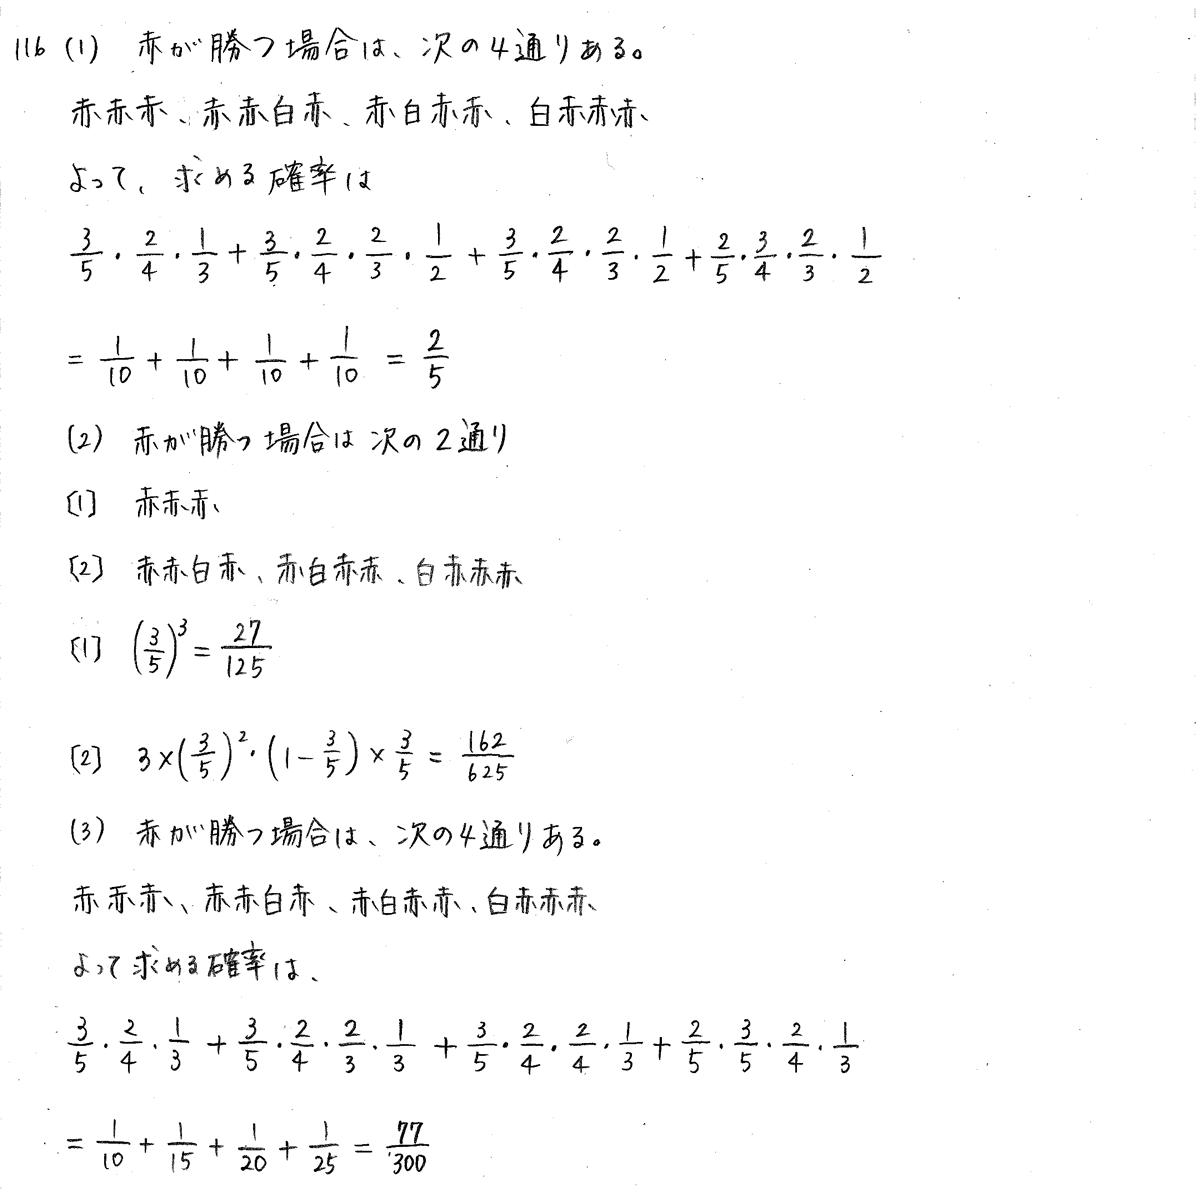 クリアー数学A-116解答